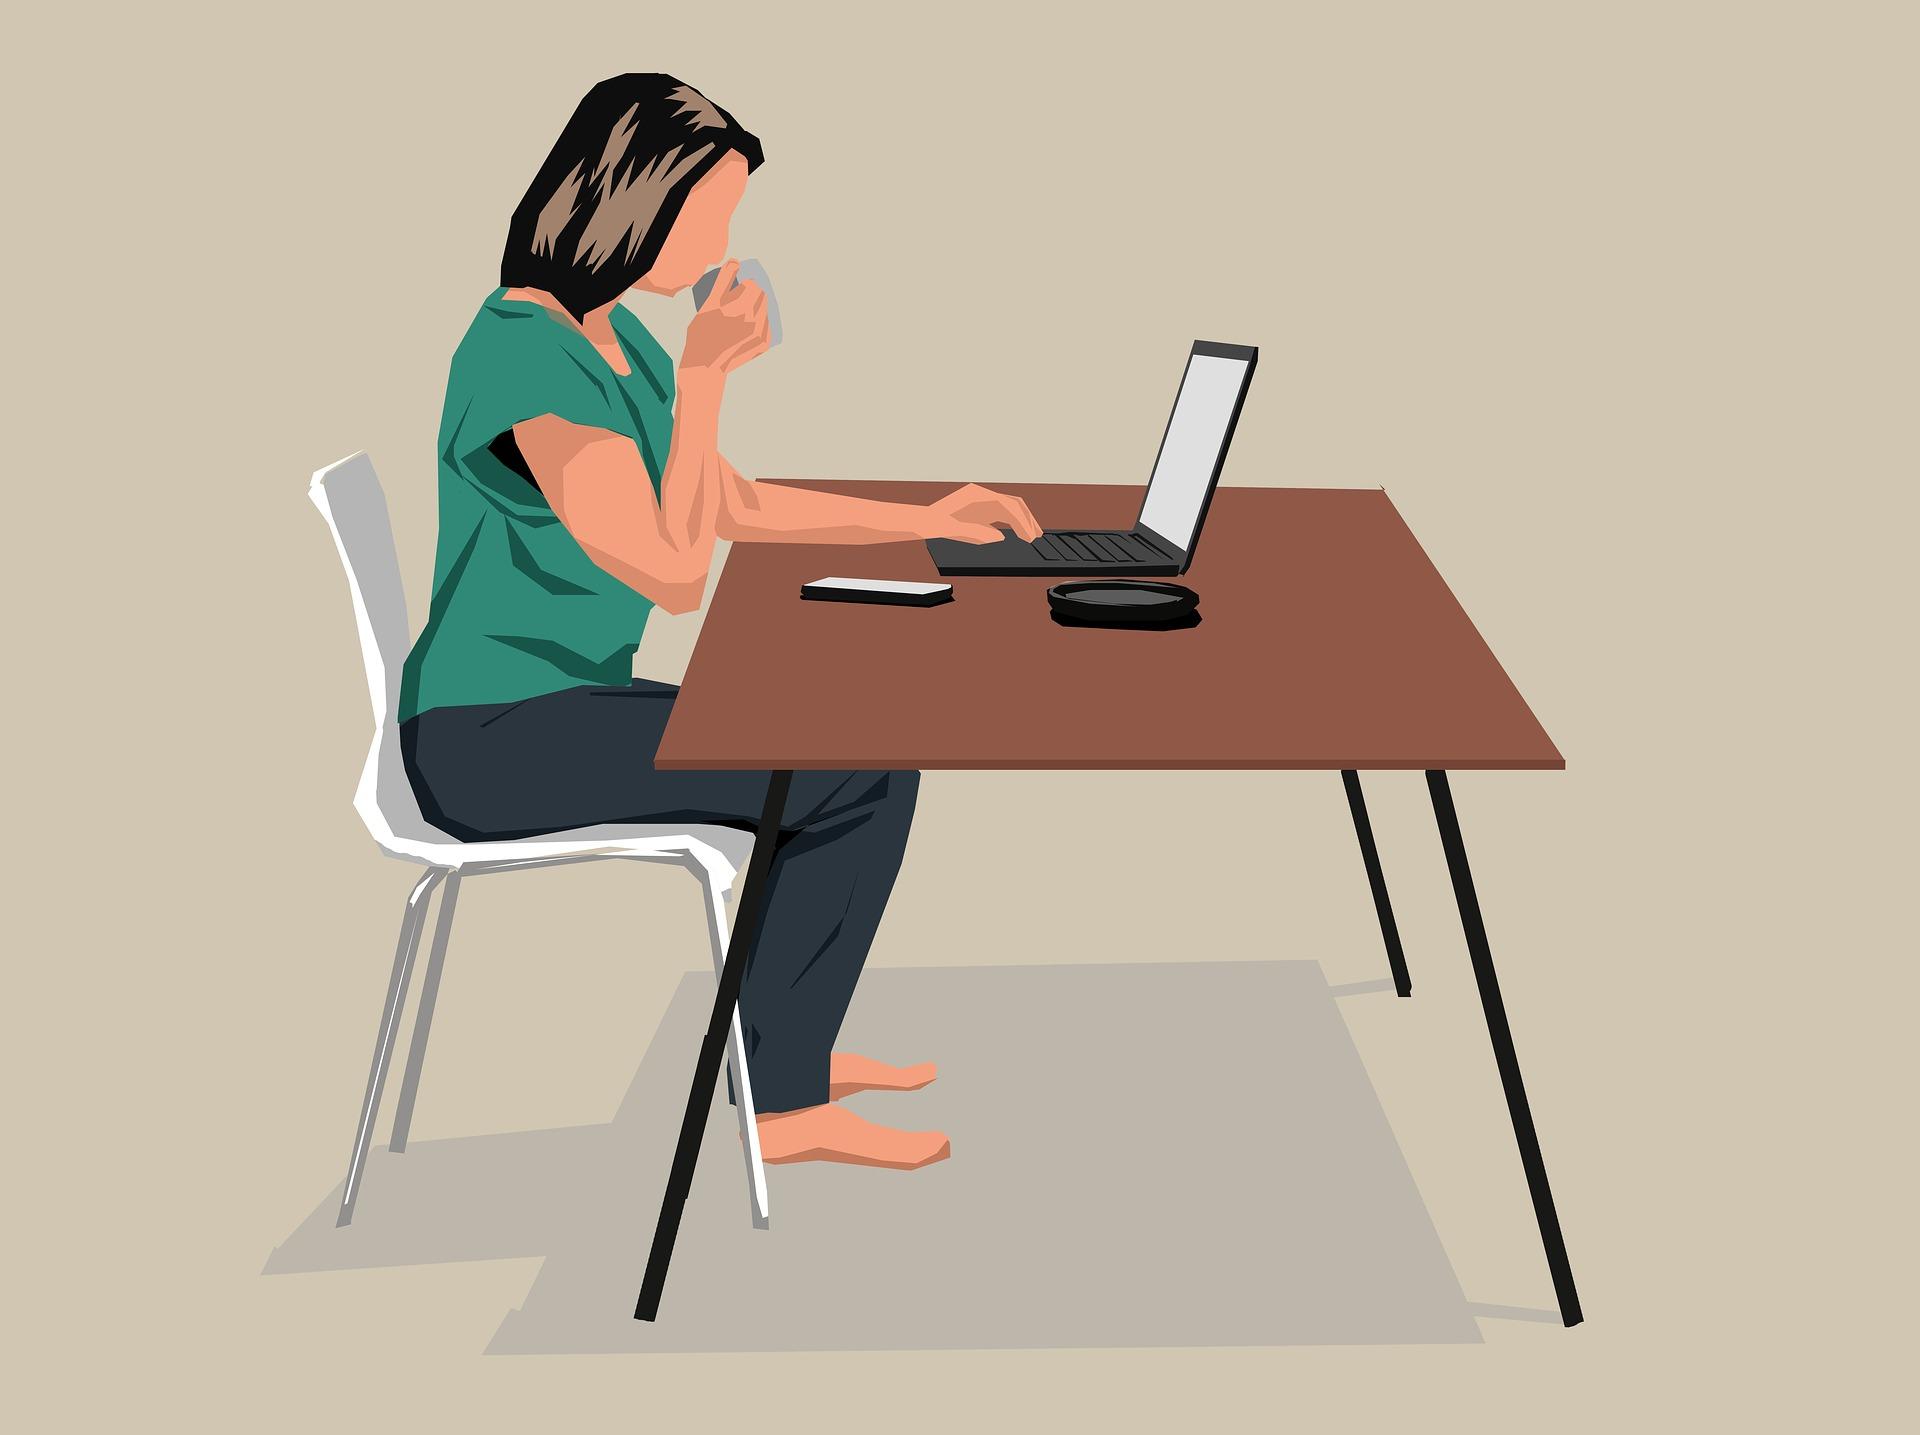 Mon enfant travaille ou prend un logement indépendant, comment seront calculées les allocations familiales